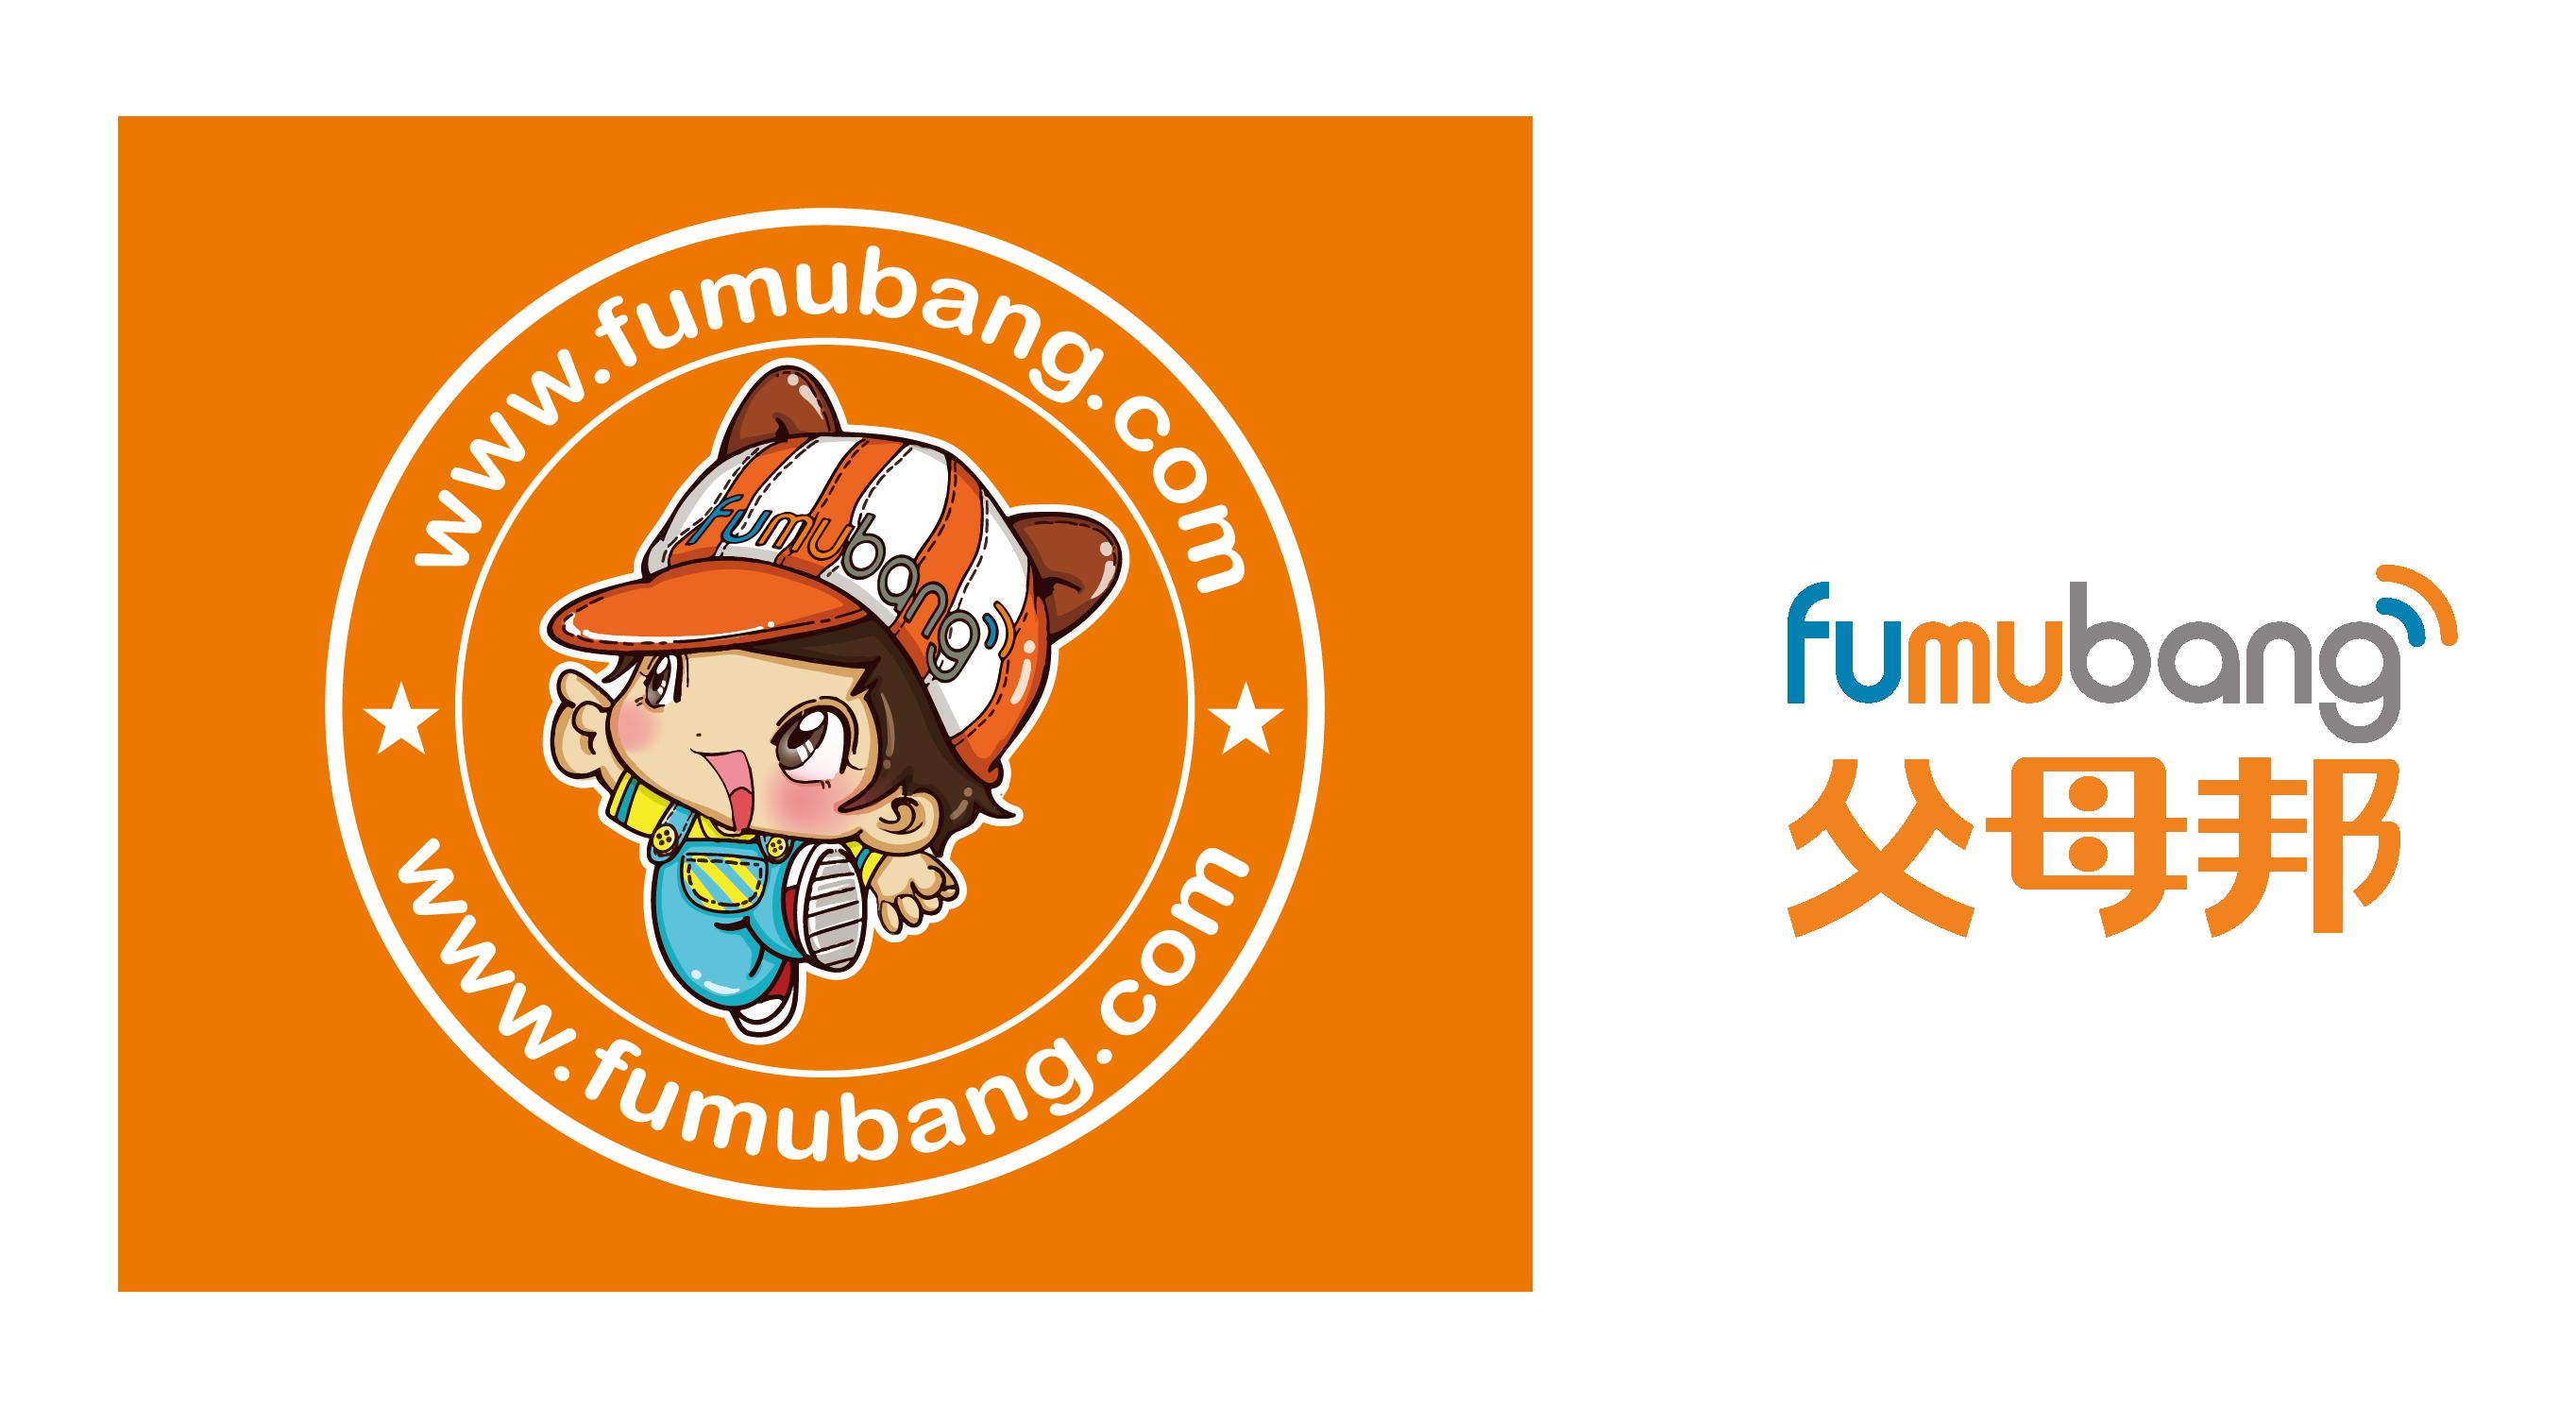 fumubang